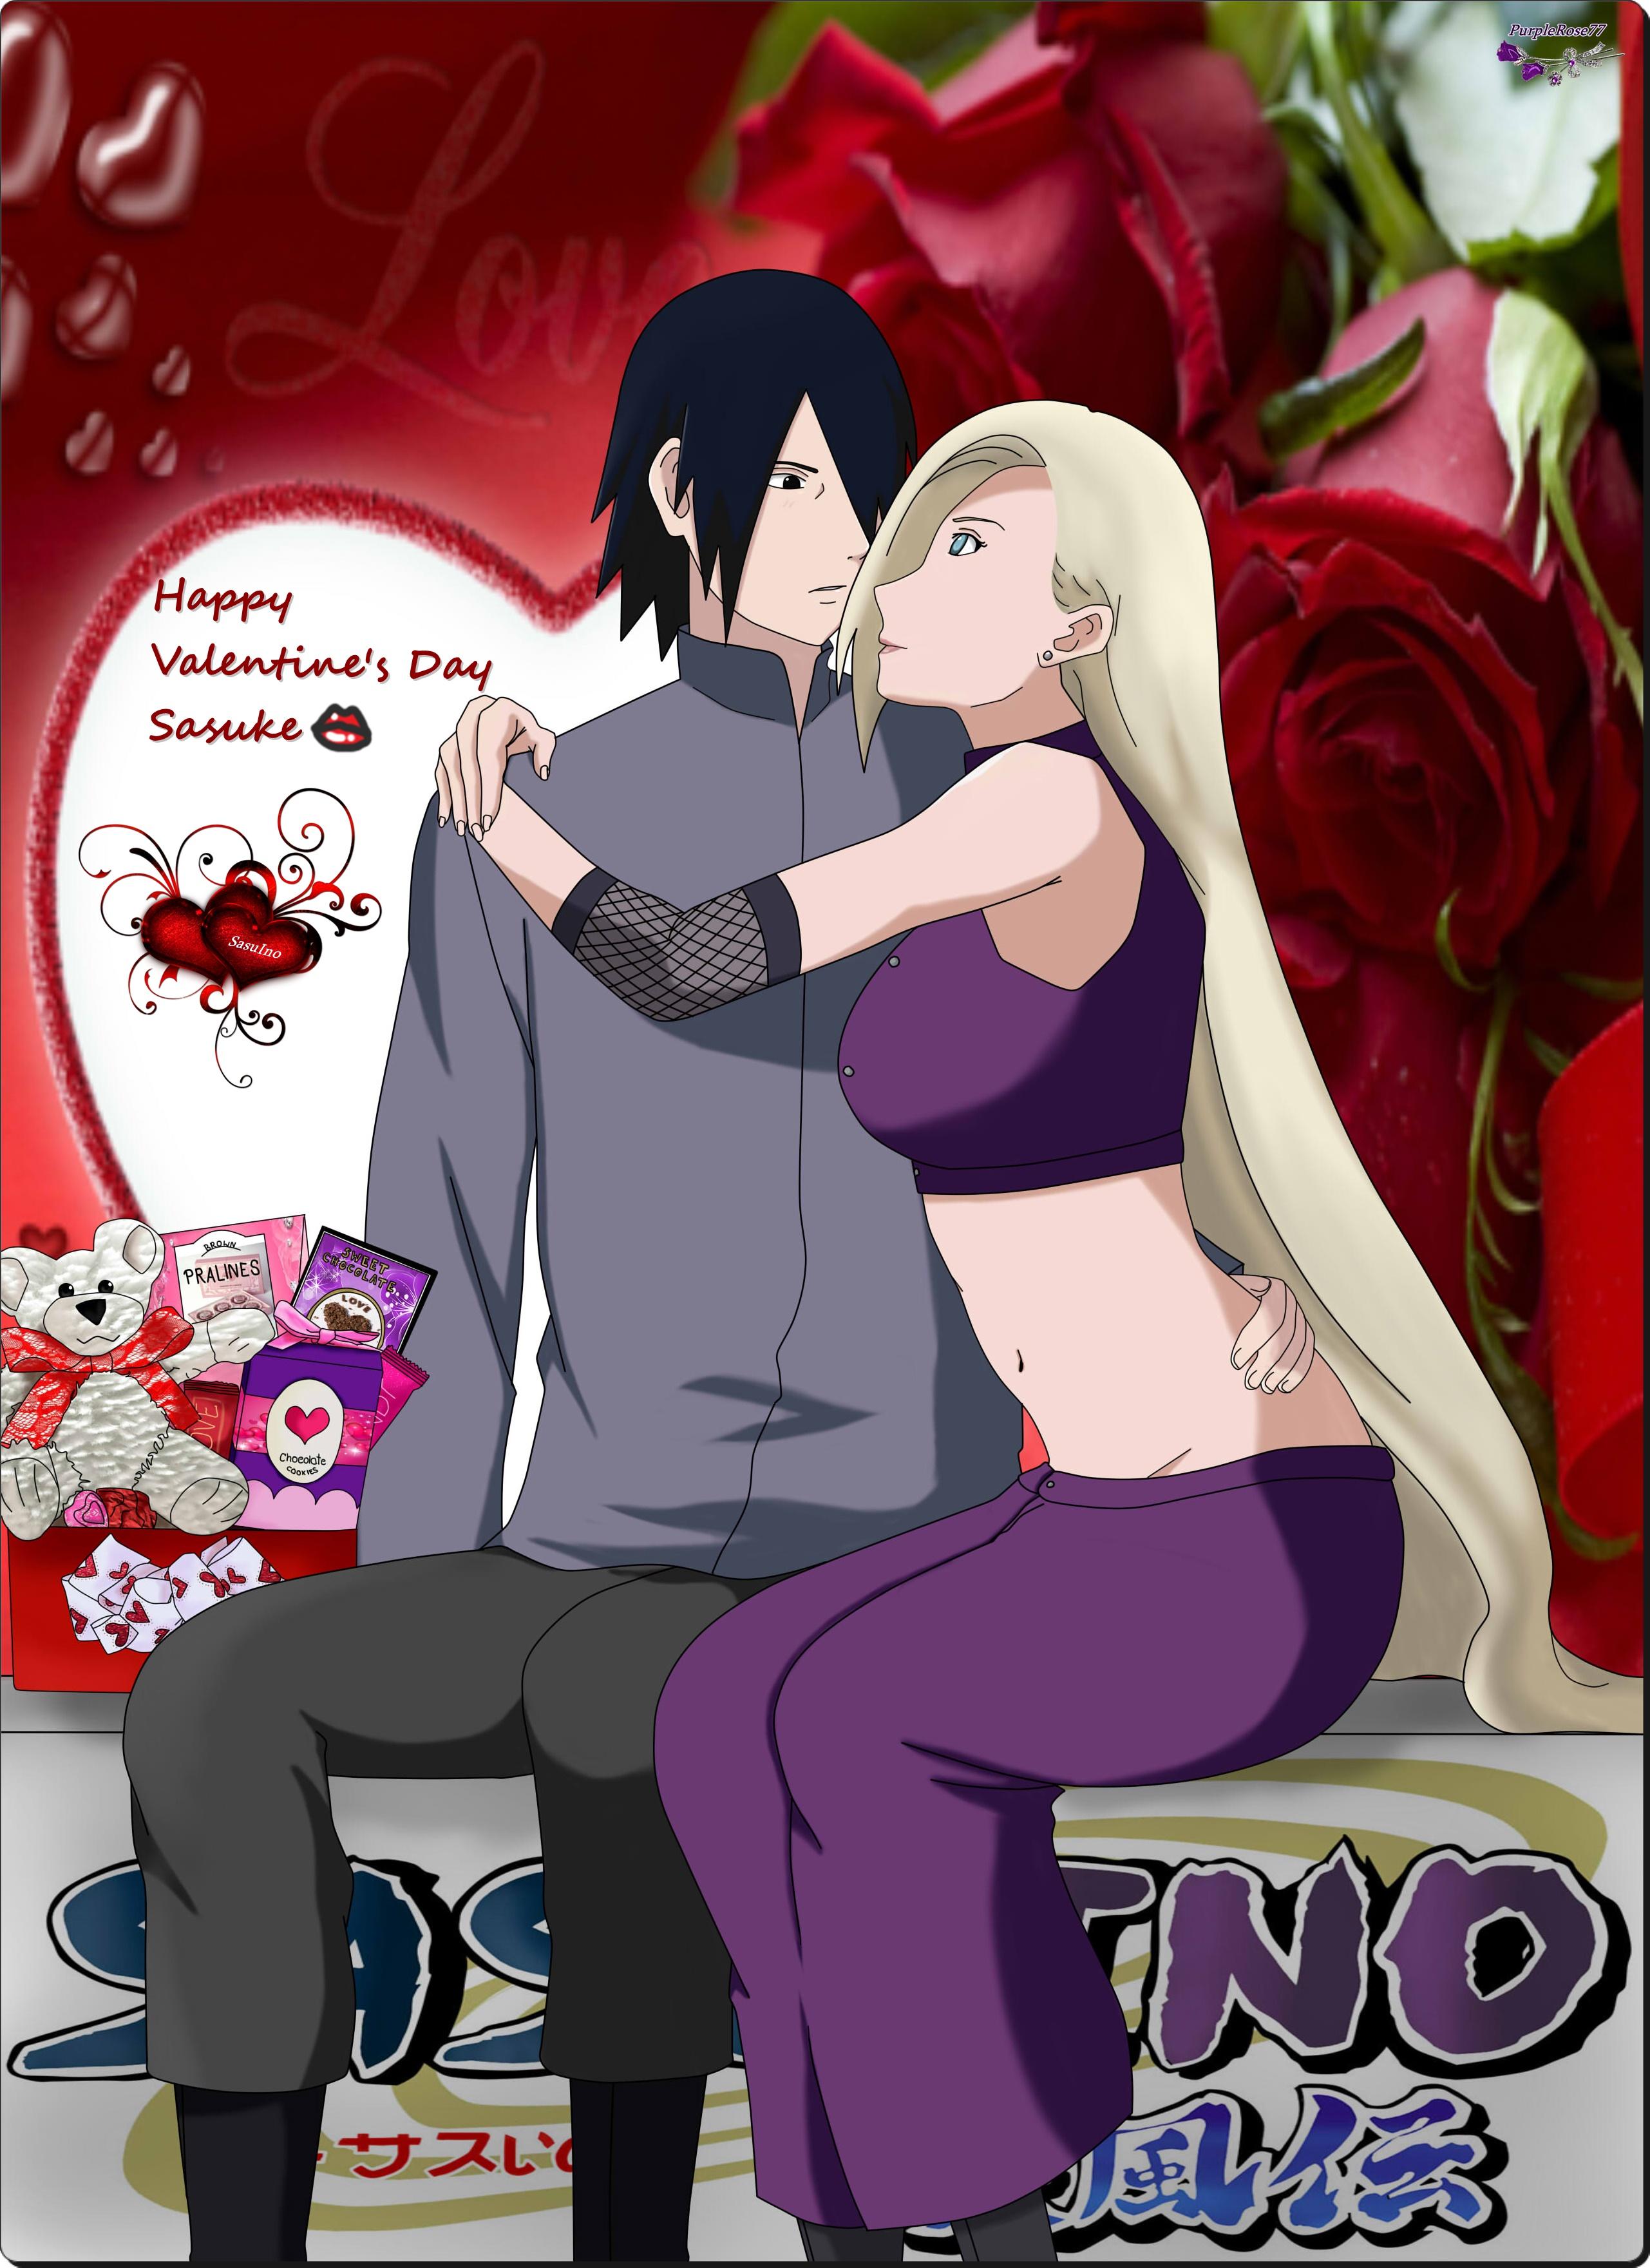 SasuIno ~Happy Valentine's Day~ by PurpleRose77 on DeviantArt  SasuIno ~Happy ...